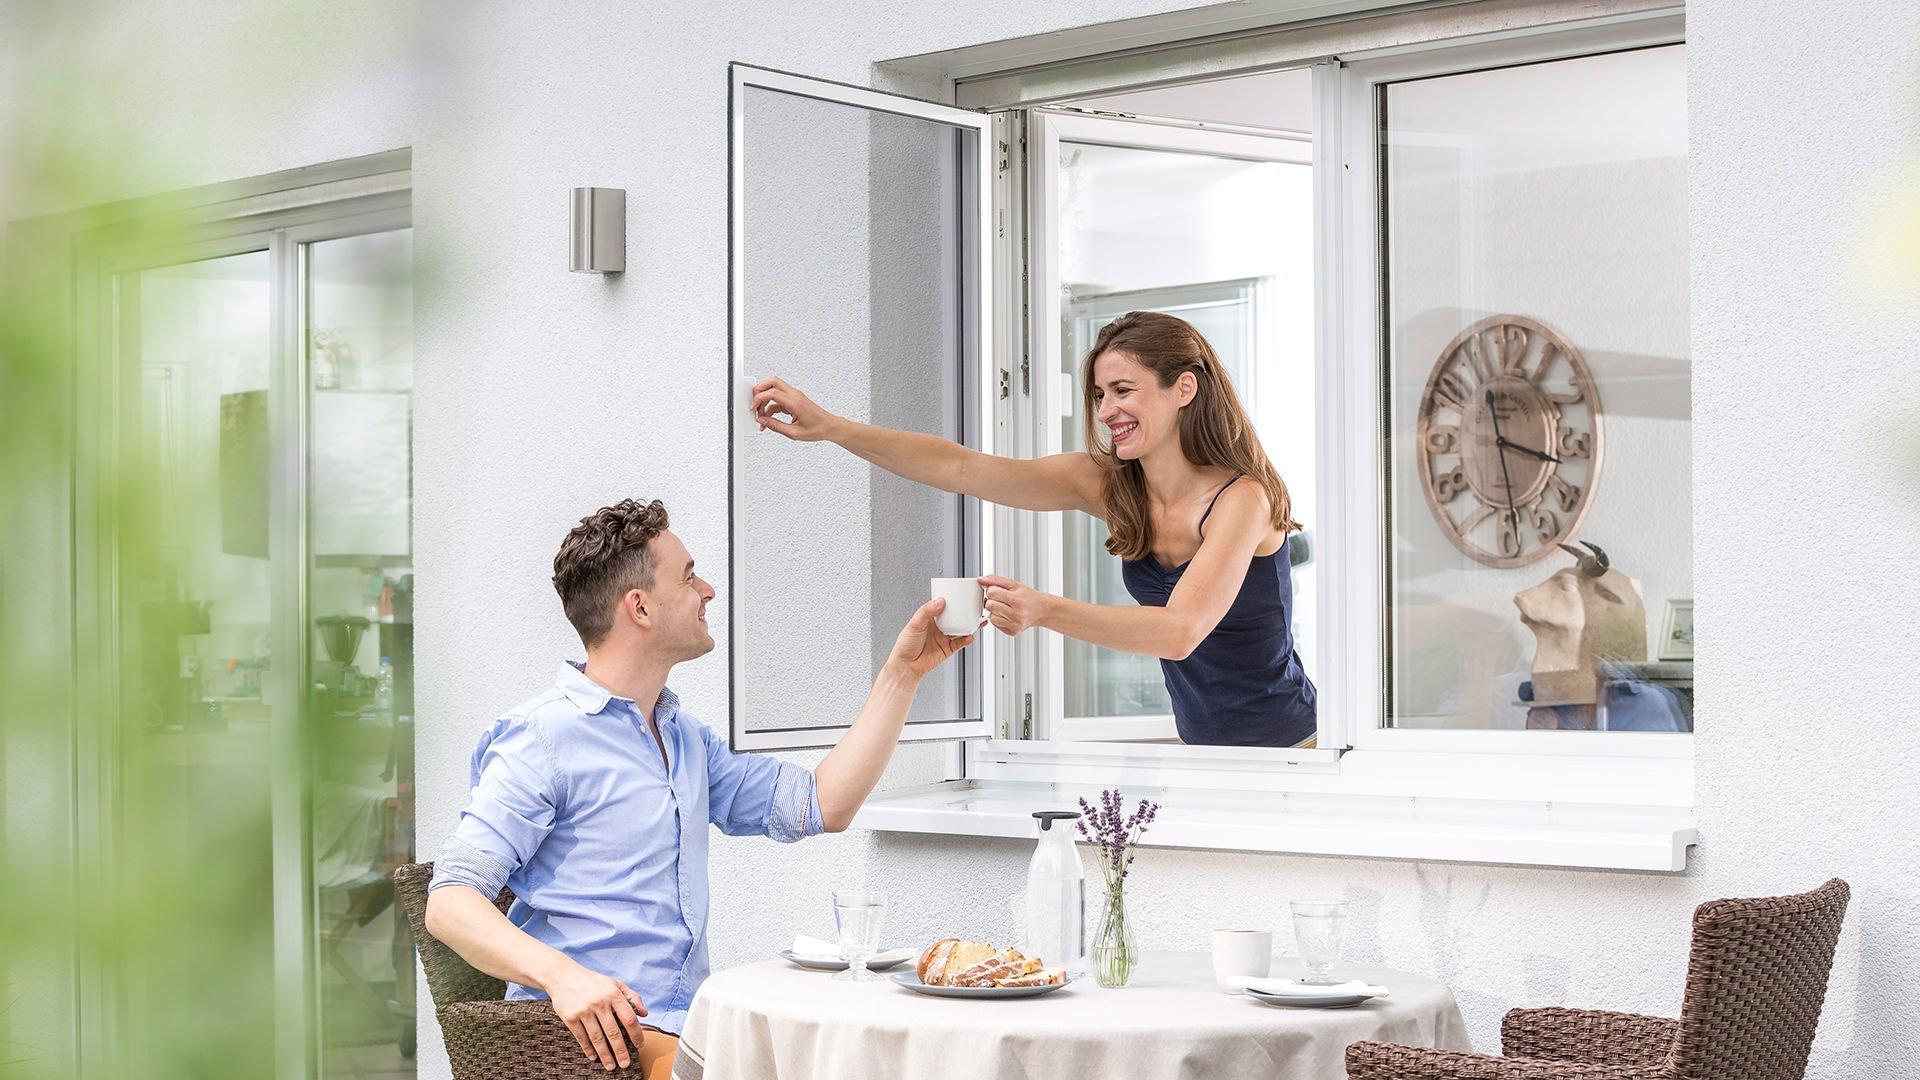 Eine Frau öffnet ein Fliegengitter-Rahmen und reicht einem Mann einen Kaffee